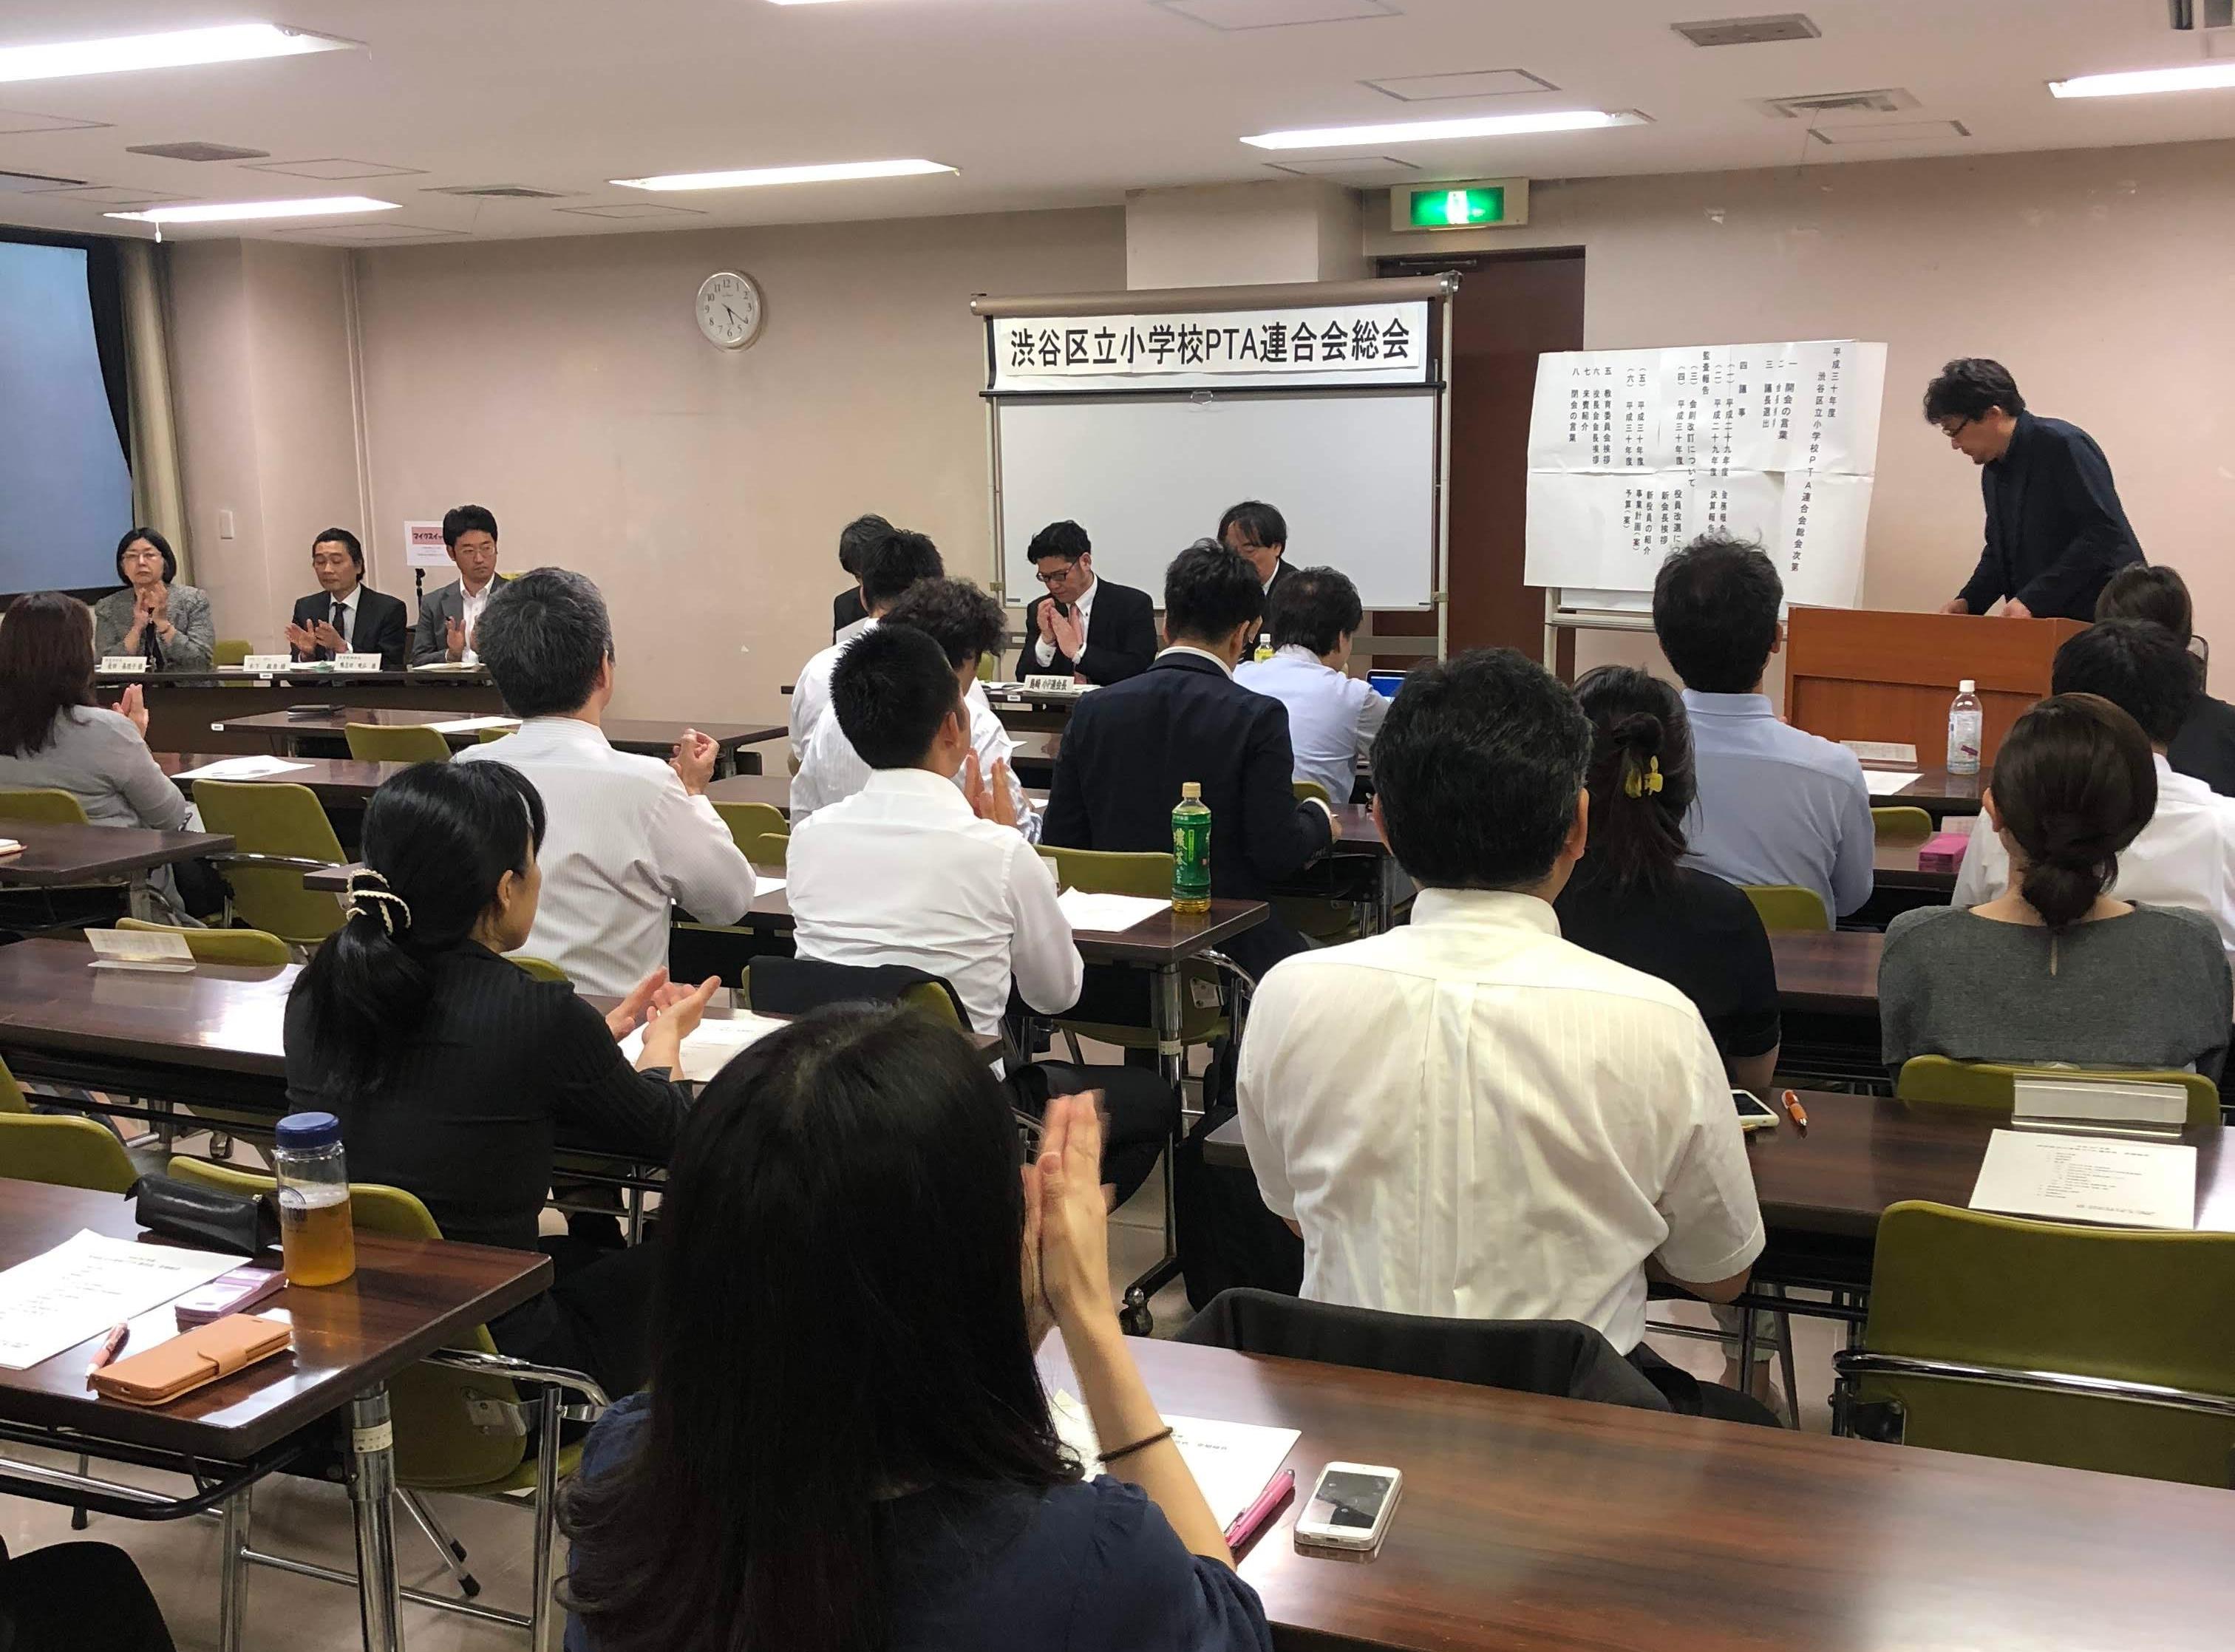 平成30年度渋谷区立小学校PTA連合会総会